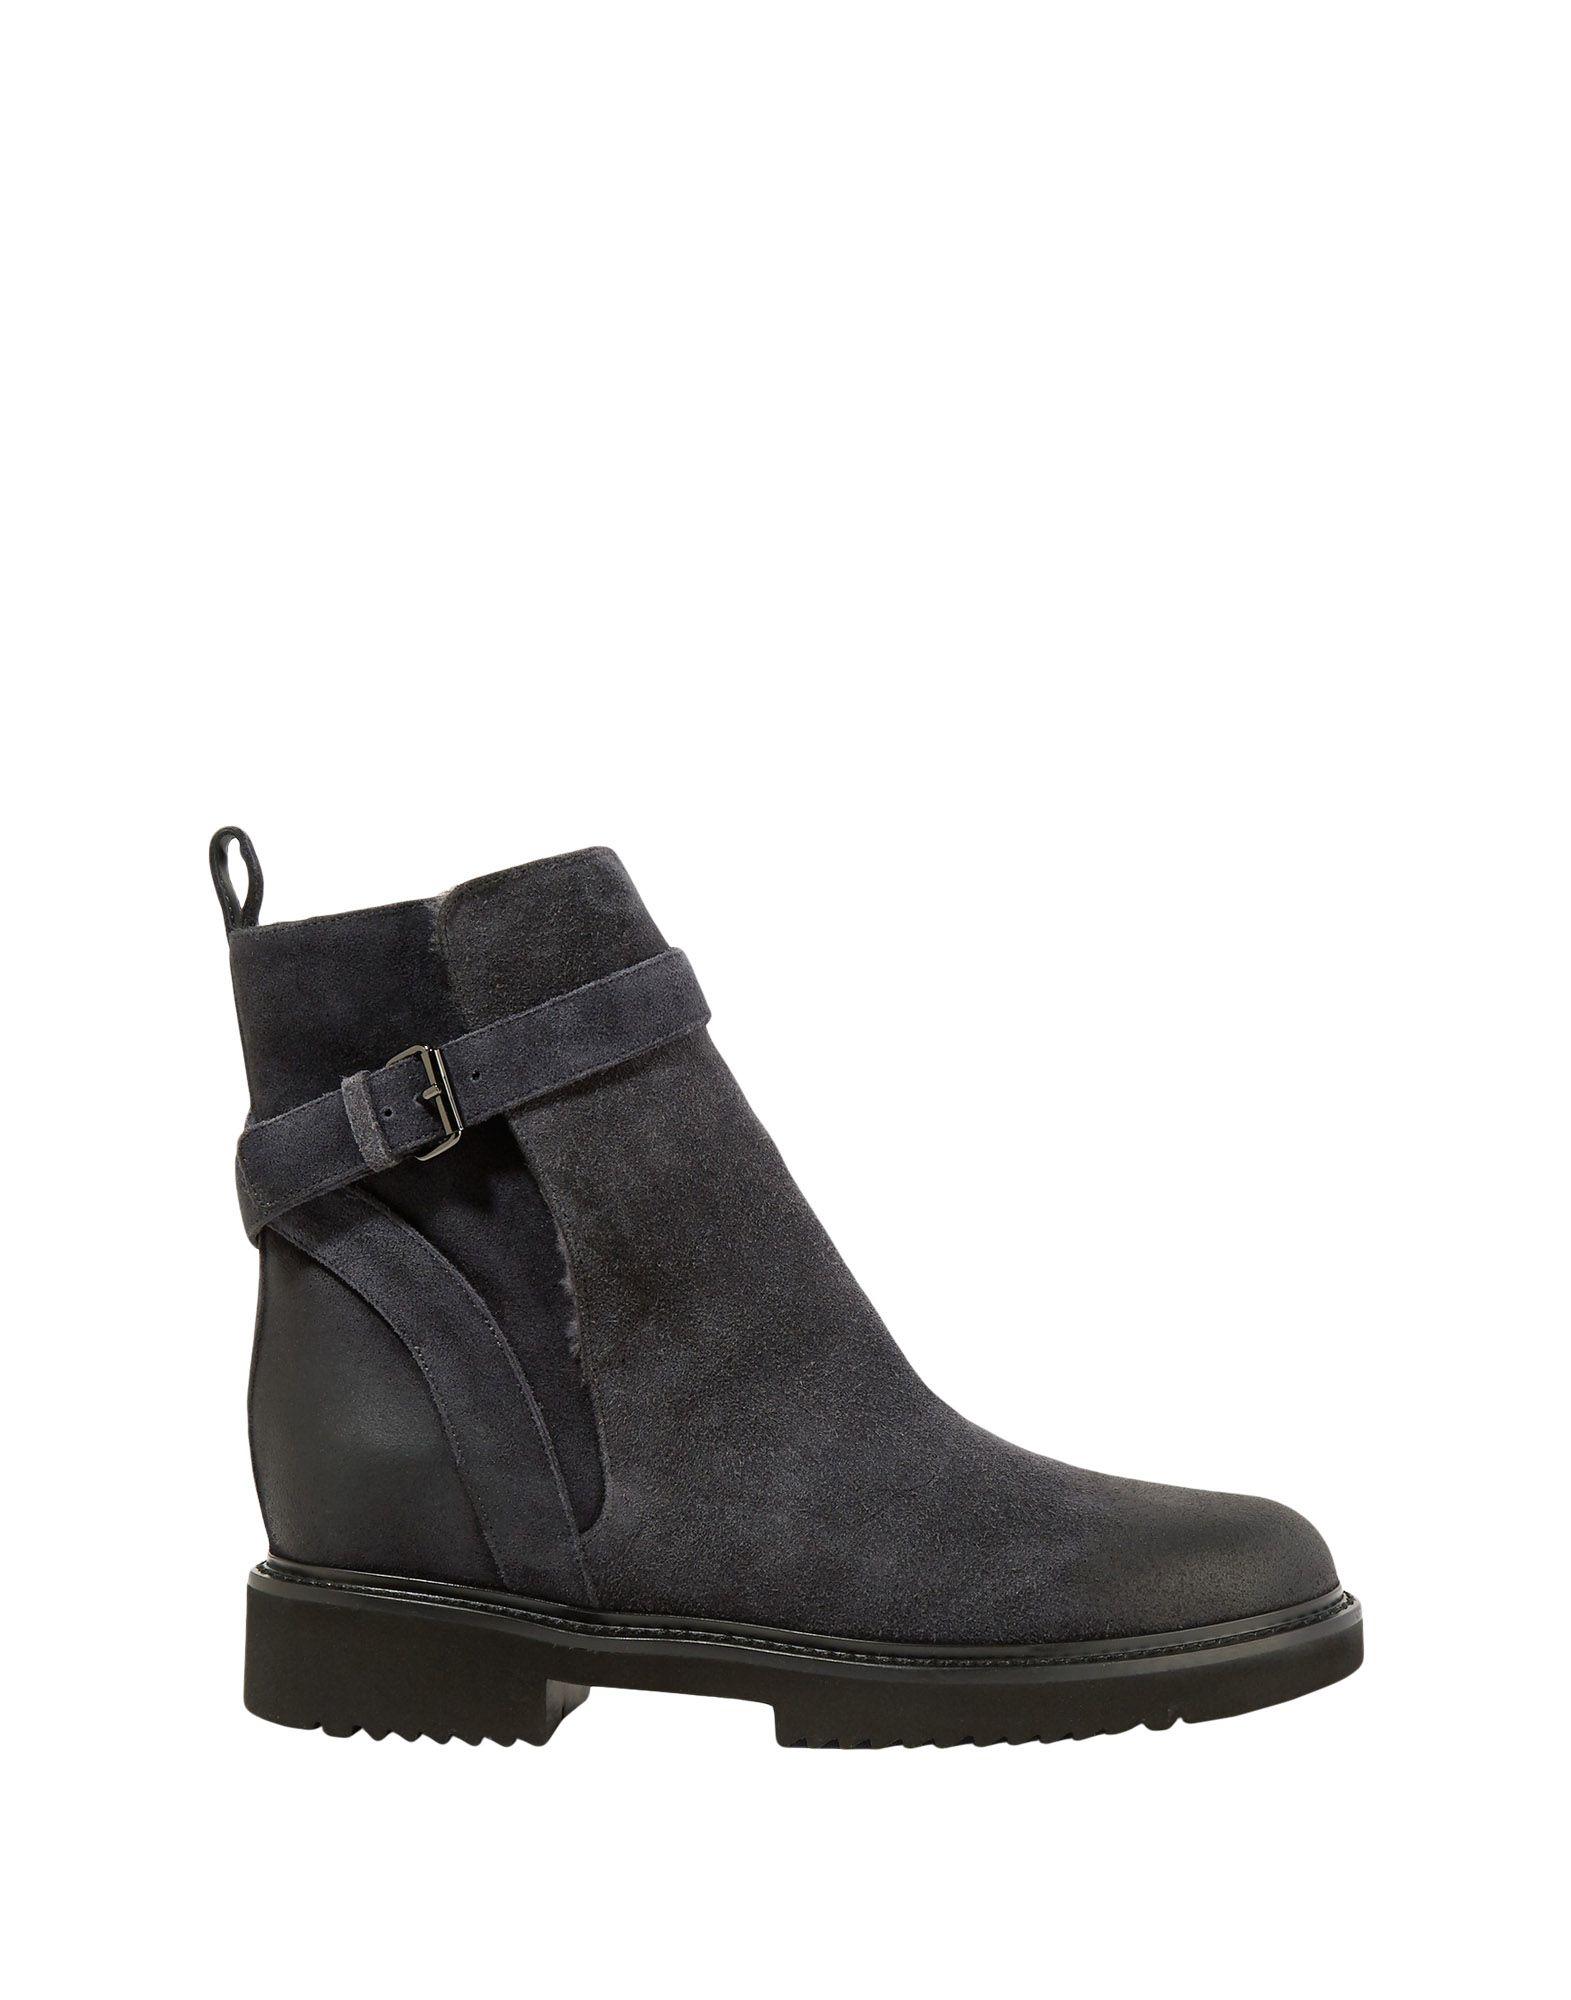 Haltbare Mode billige Schuhe Vince. Stiefelette Damen  11515440VD Heiße Schuhe